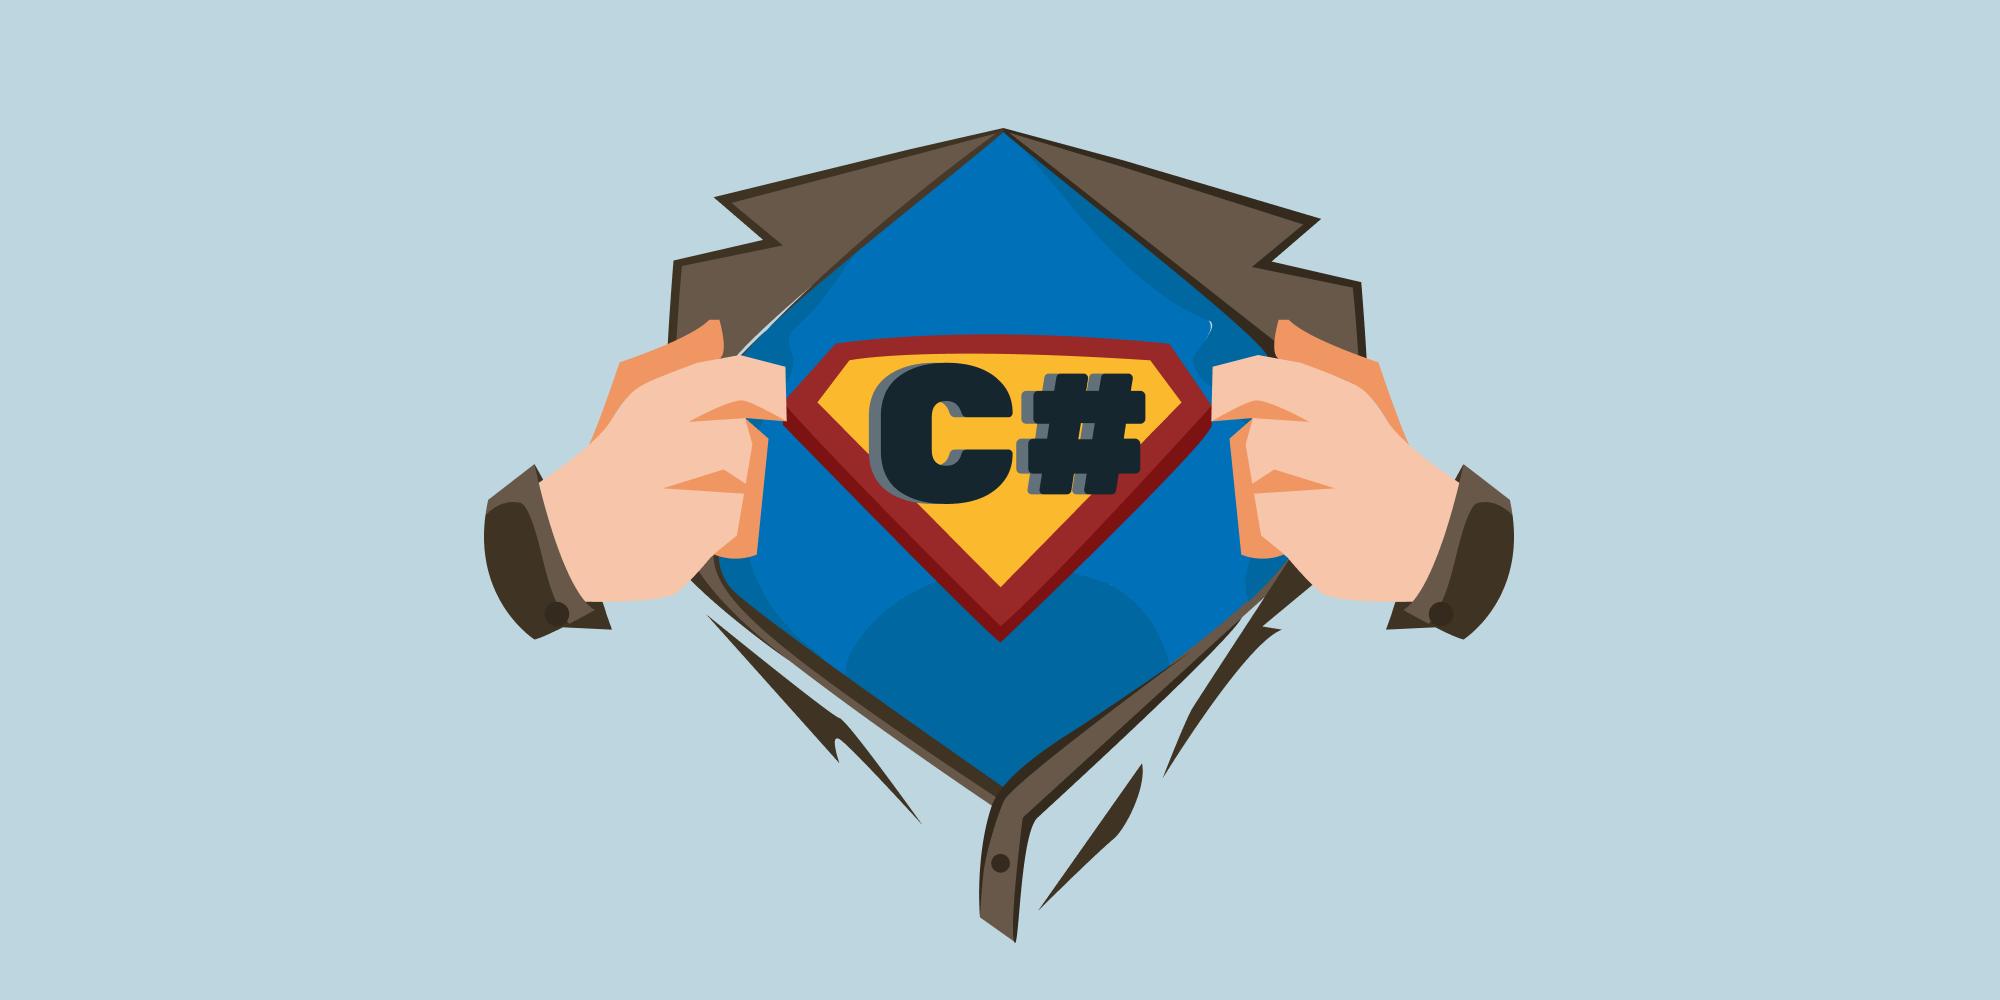 Тест на общие знания для C# разработчика